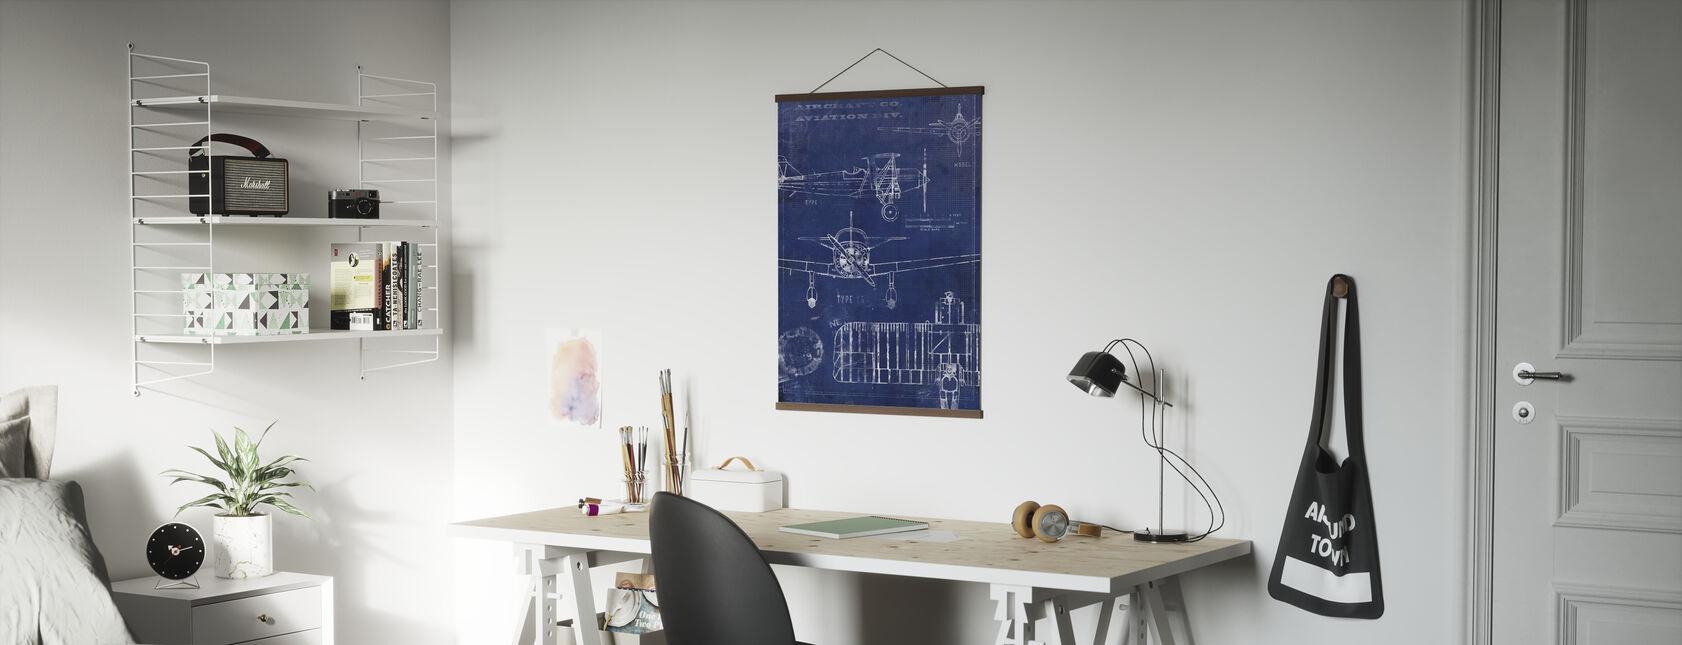 Flugzeug-Entwurf - Poster - Büro